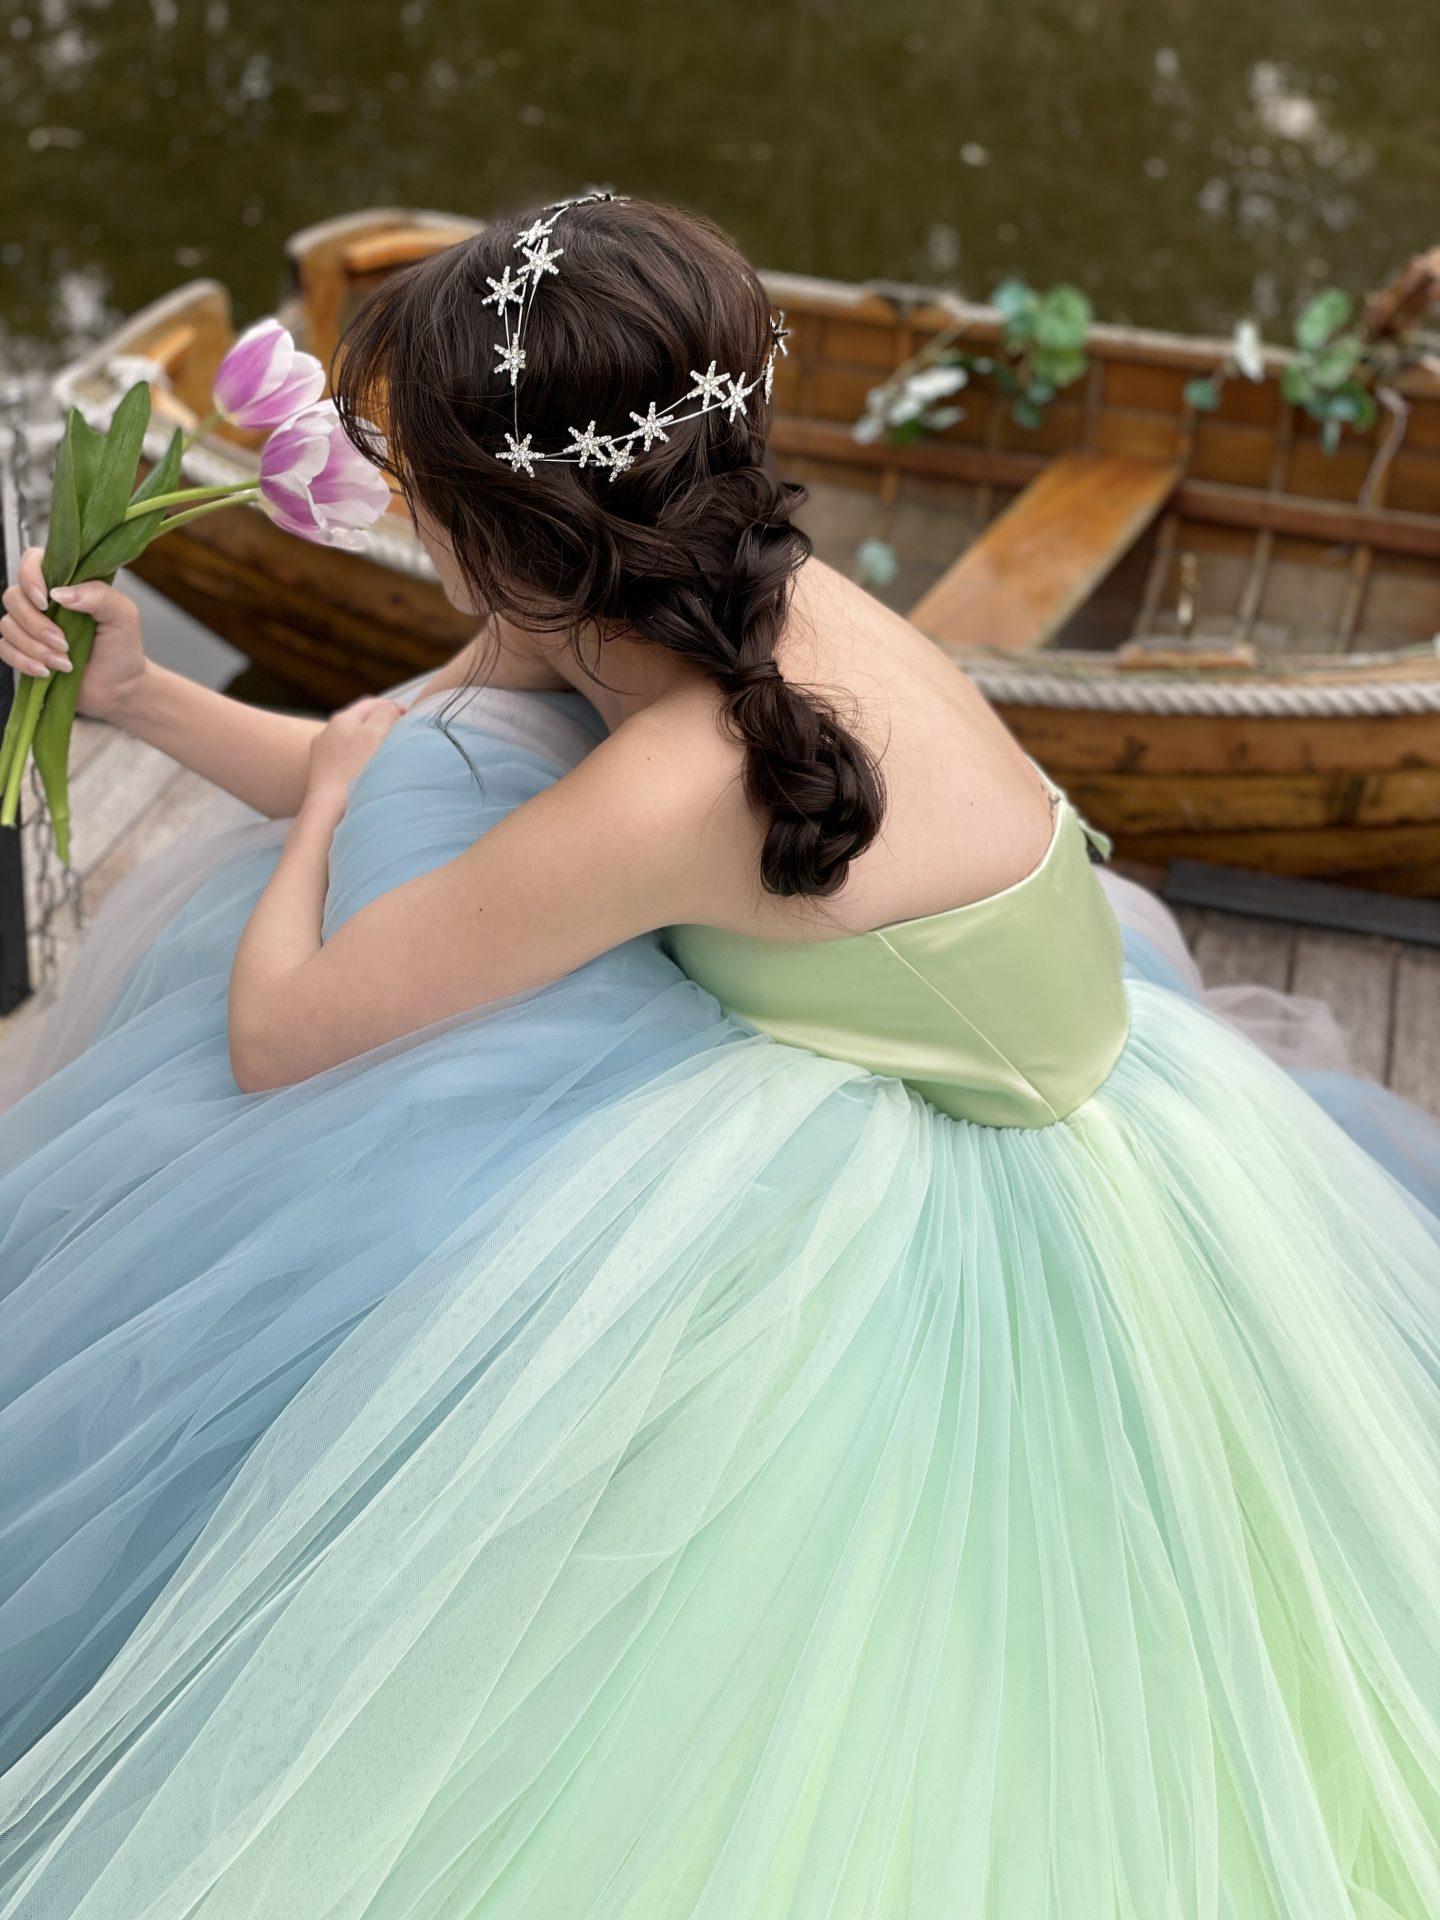 大阪の人気の結婚式会場の鶴見ノ森迎賓館は、ウェディングボートに乗ってお色直し入場の演出が人気です。